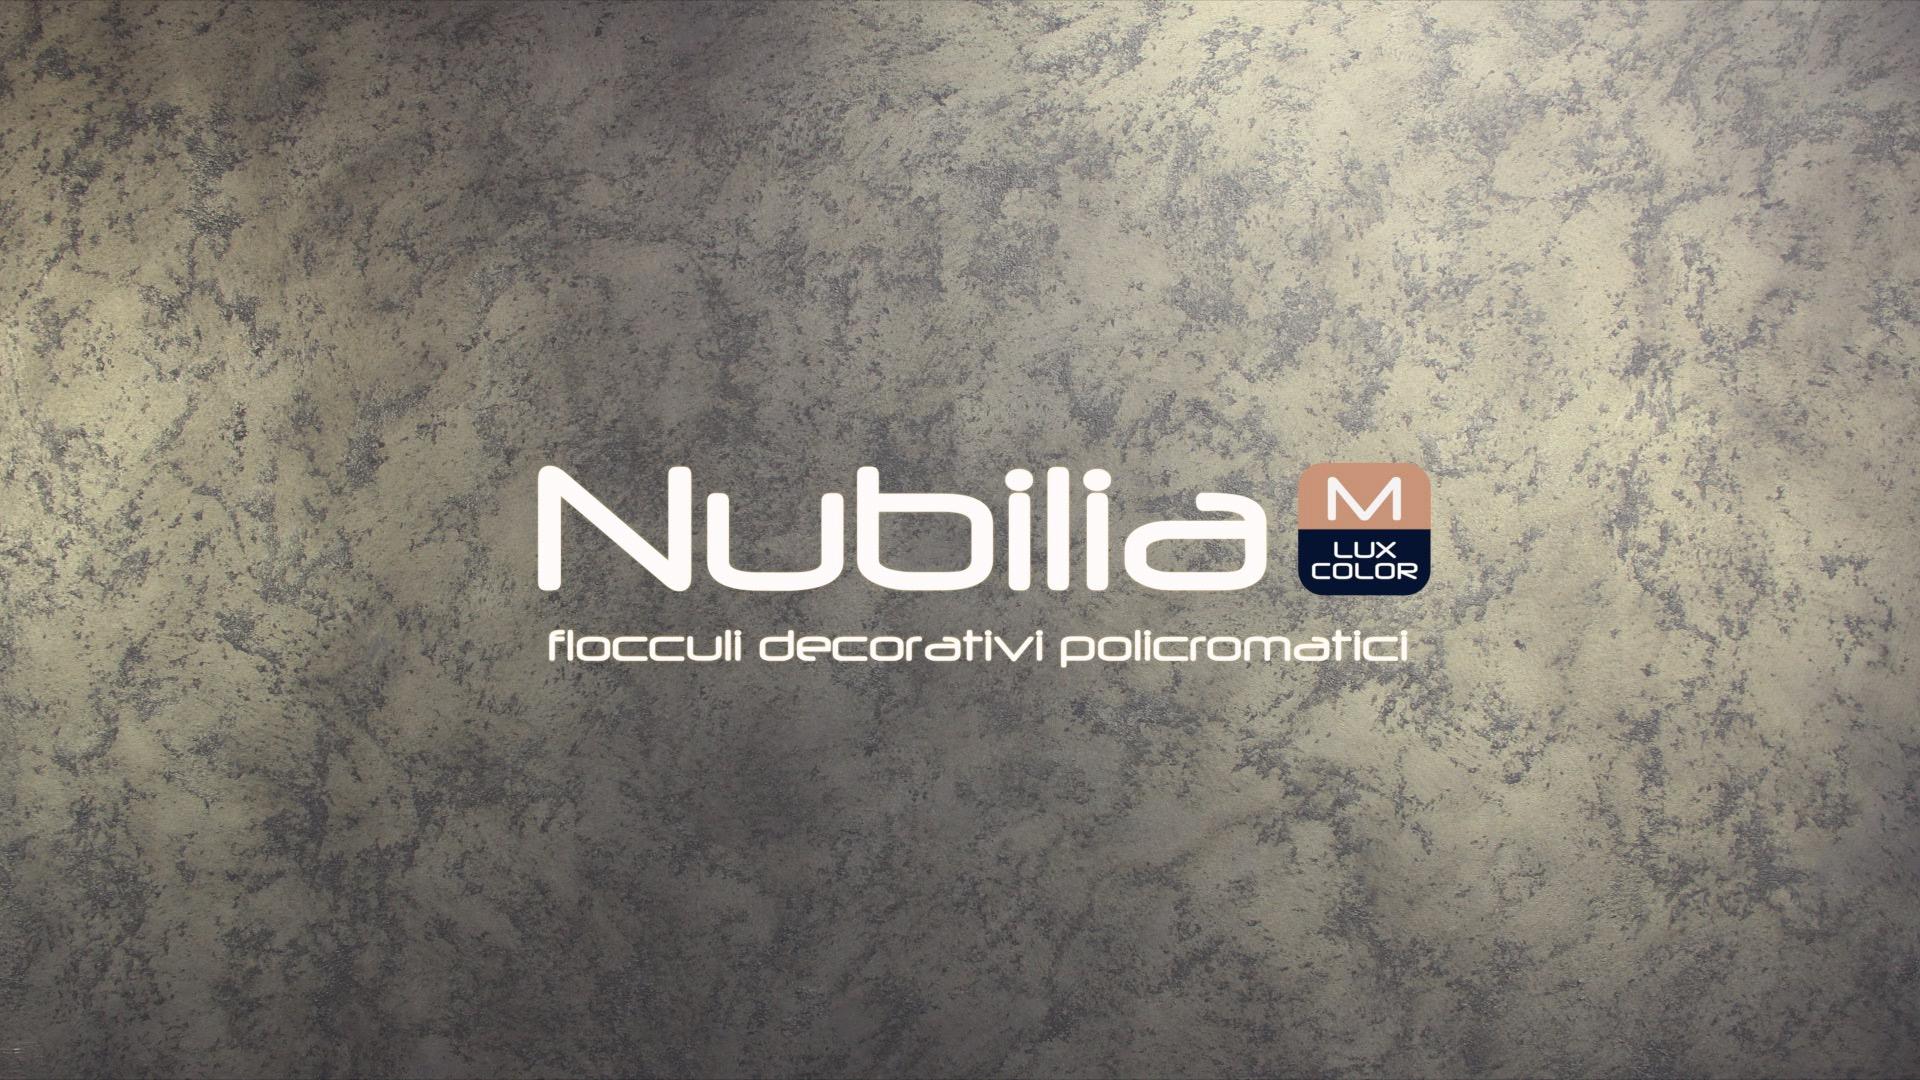 Nubilia_M_LuxColor_Copertina